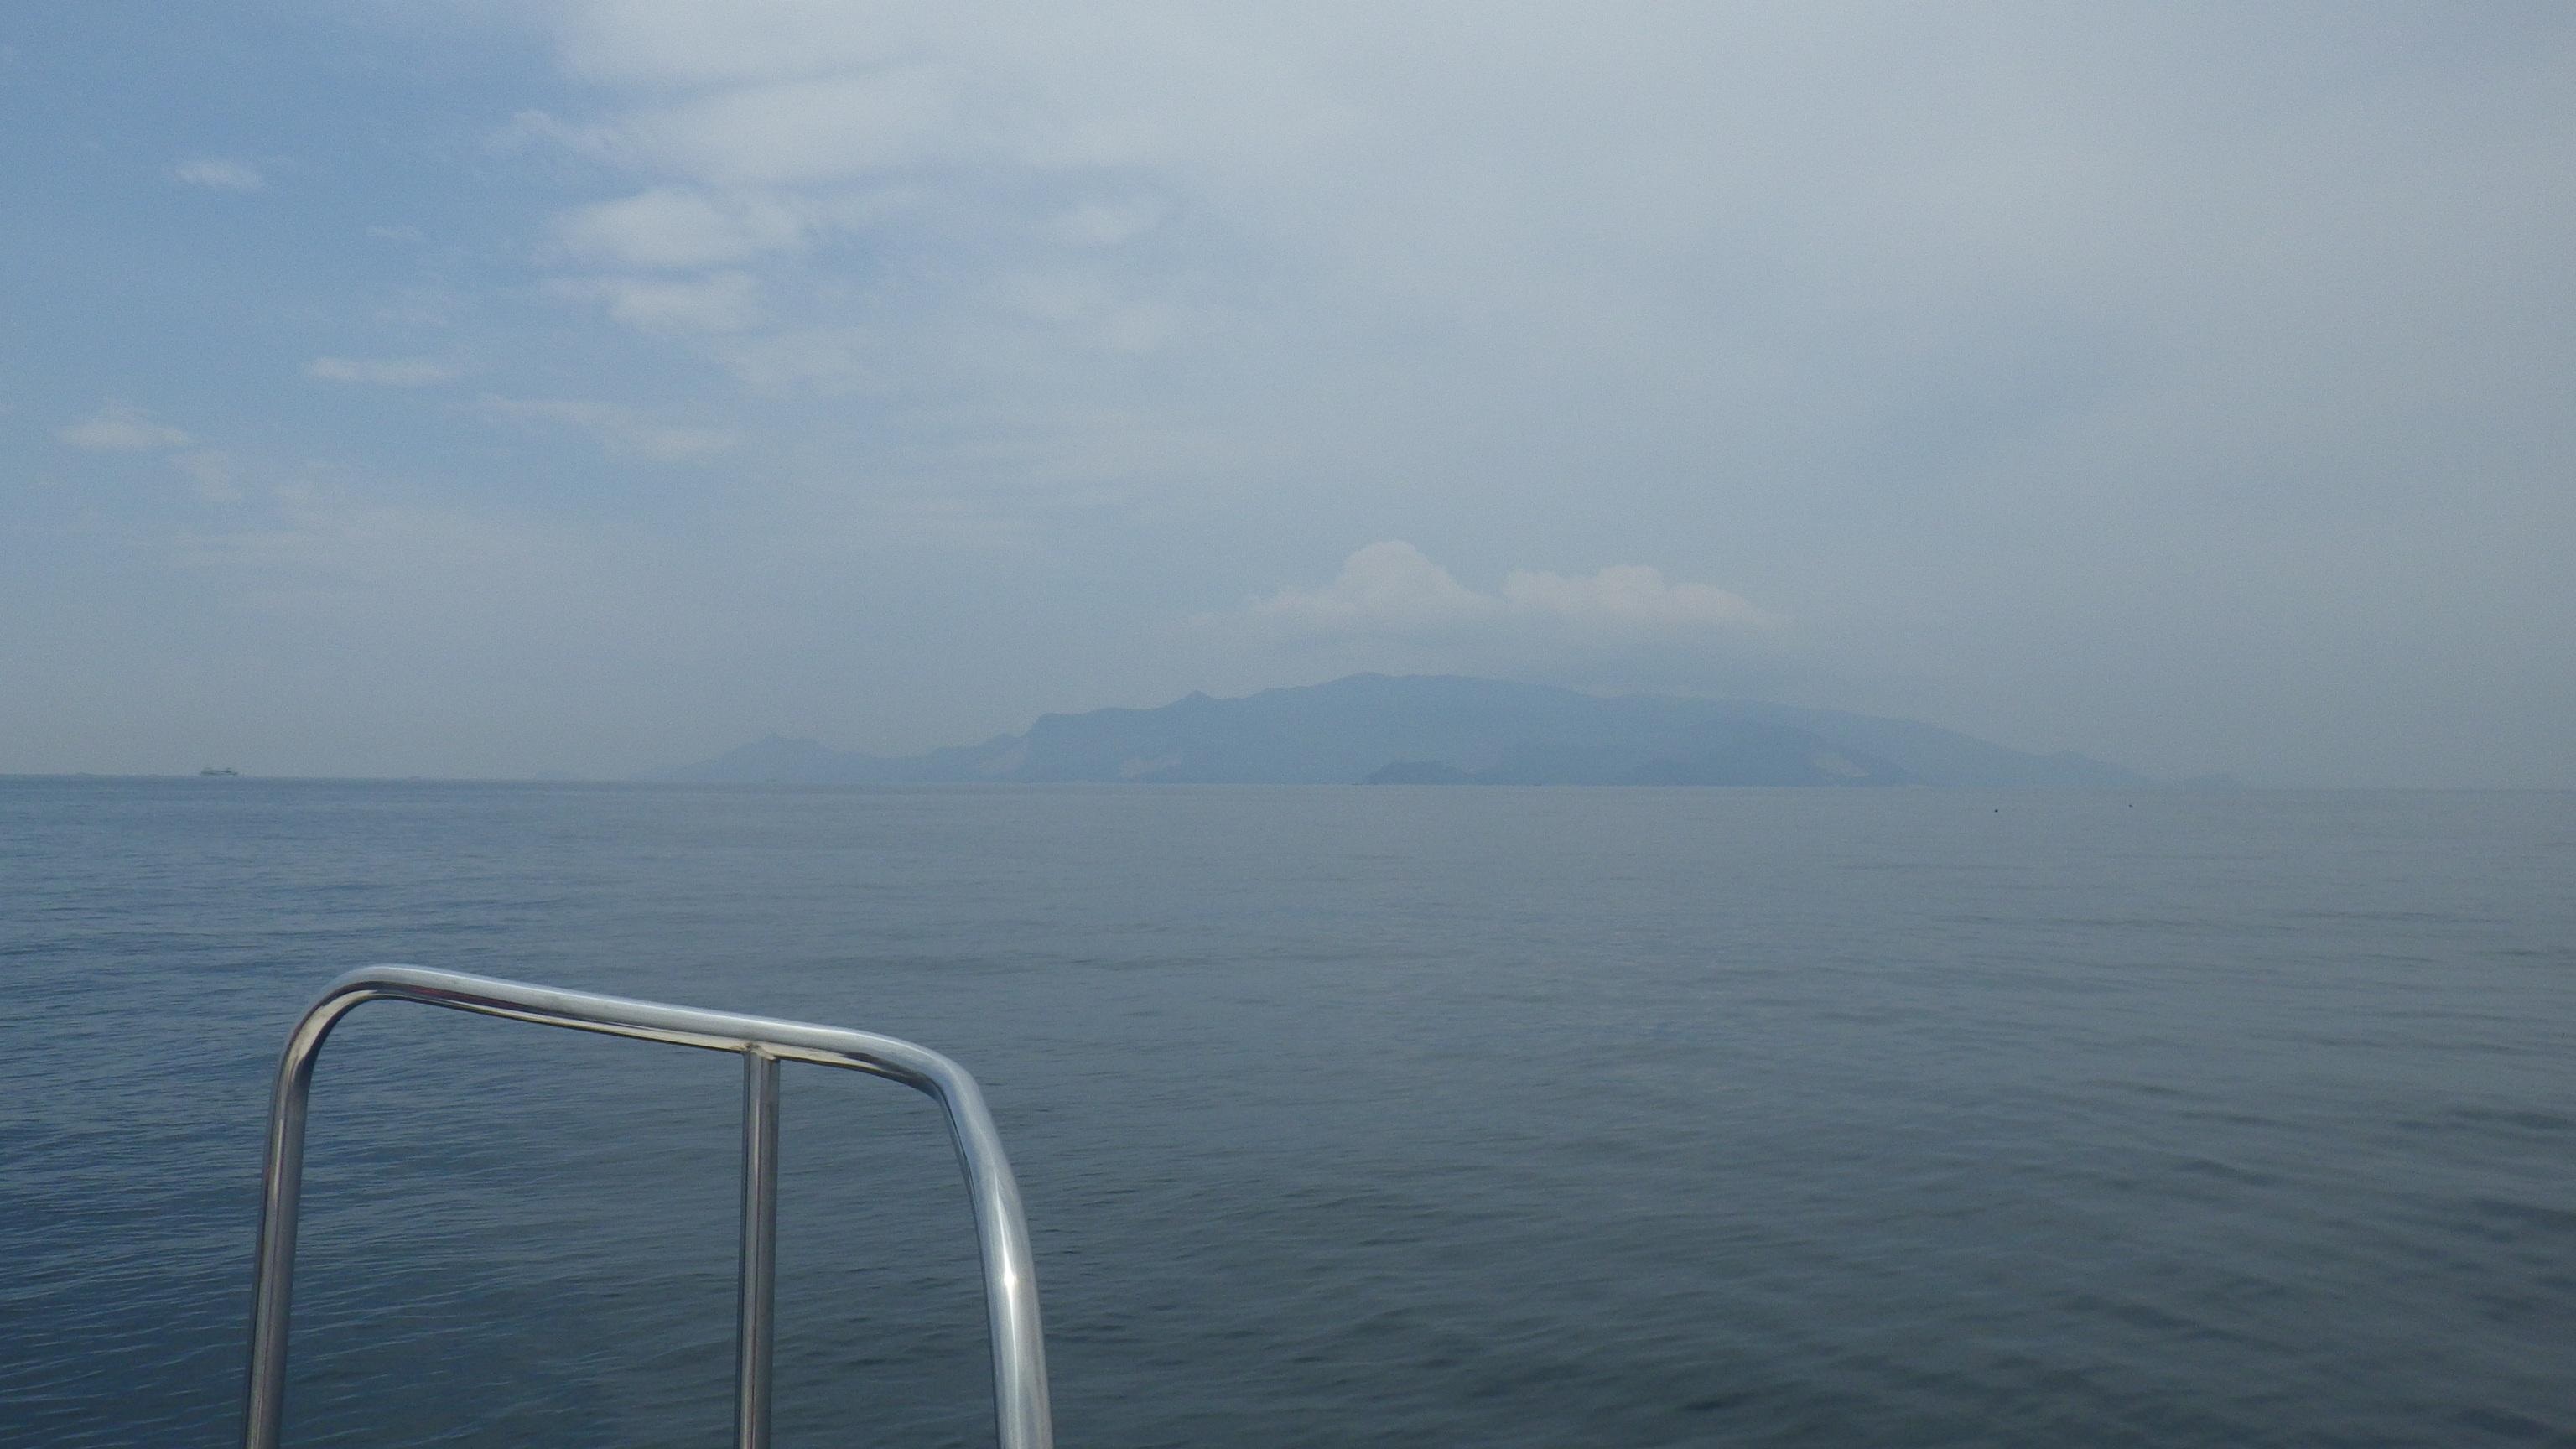 いよいよ小豆島の陰が見えてきましたー